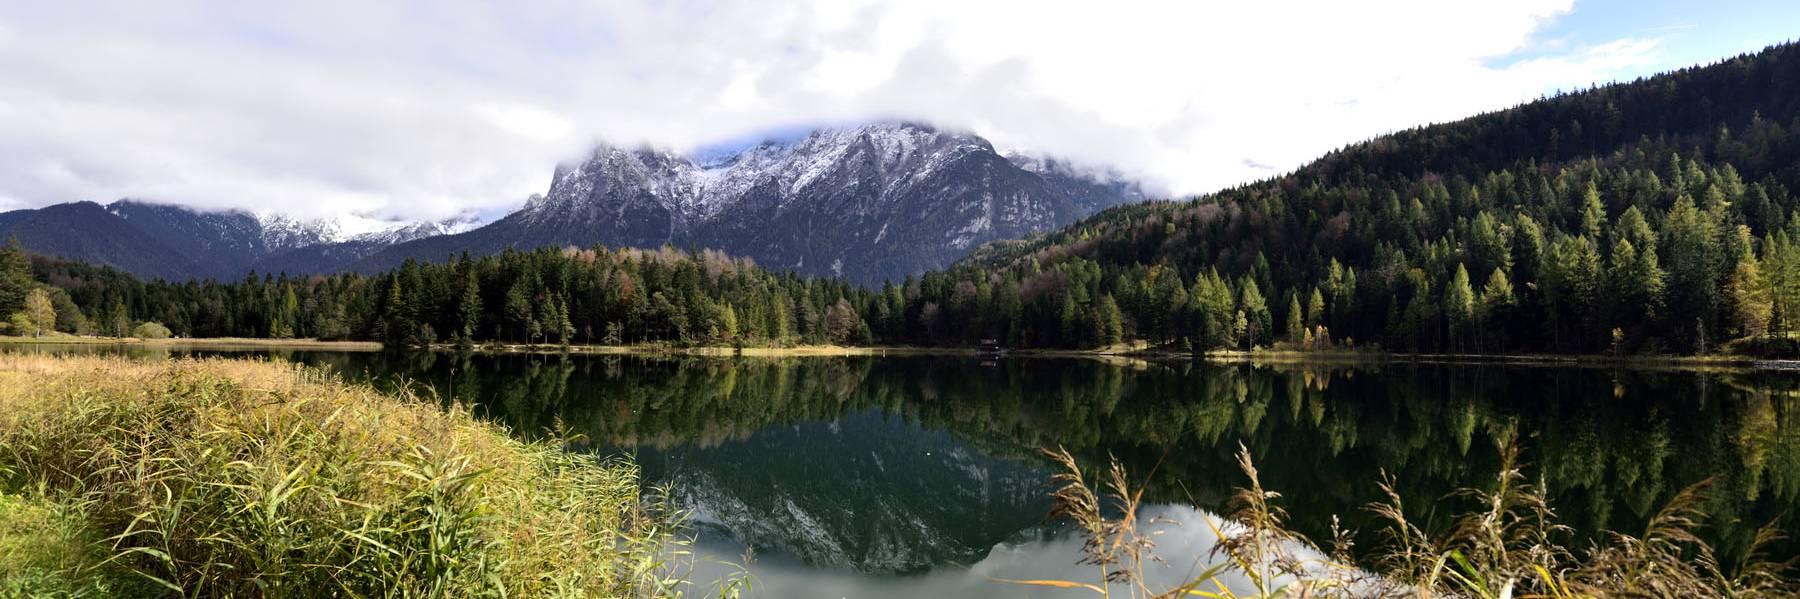 Alpengasthof Gröbl-Alm - Einzigartige Lage im Karwendelgebirge